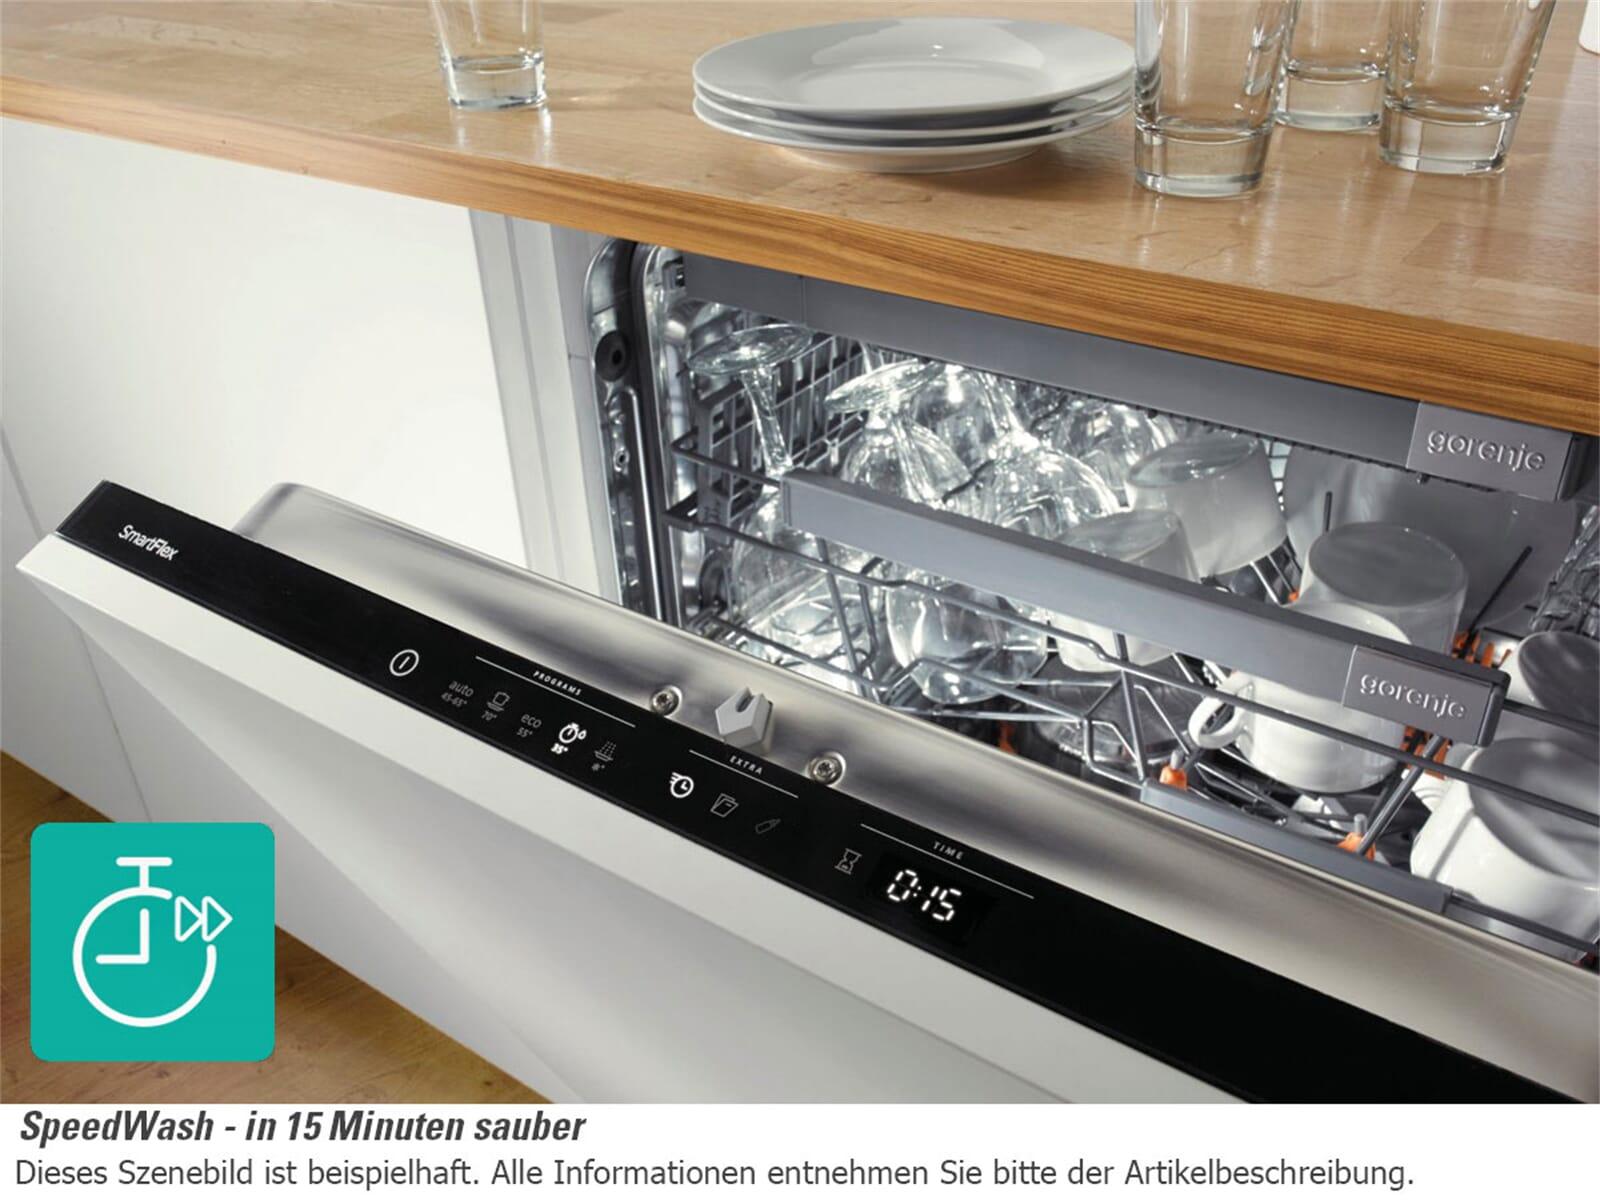 Gorenje GV 66160 Vollintegrierbarer Einbau Geschirrspüler  ~ Geschirrspülmaschine Teilintegrierbar